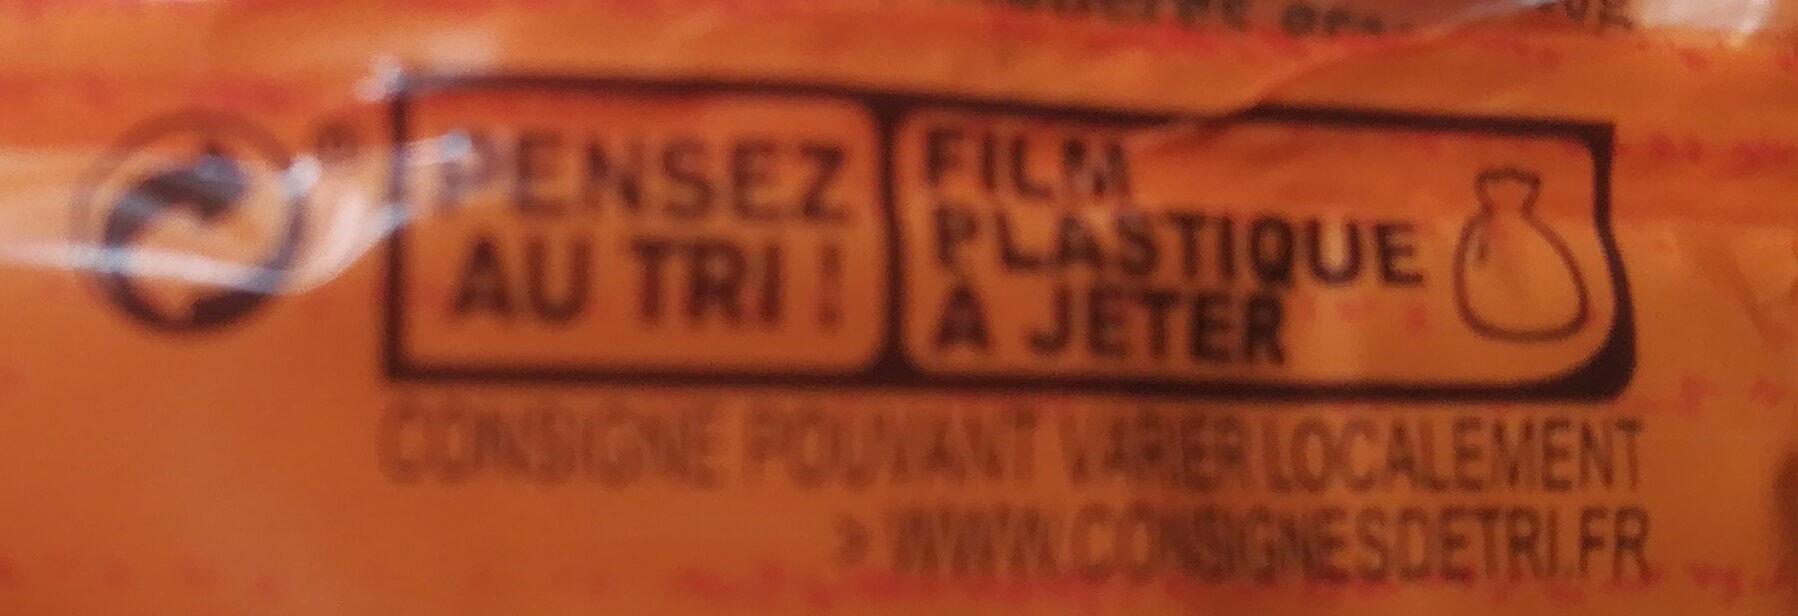 Madeleine Pépites Chocolat - Instruction de recyclage et/ou informations d'emballage - fr